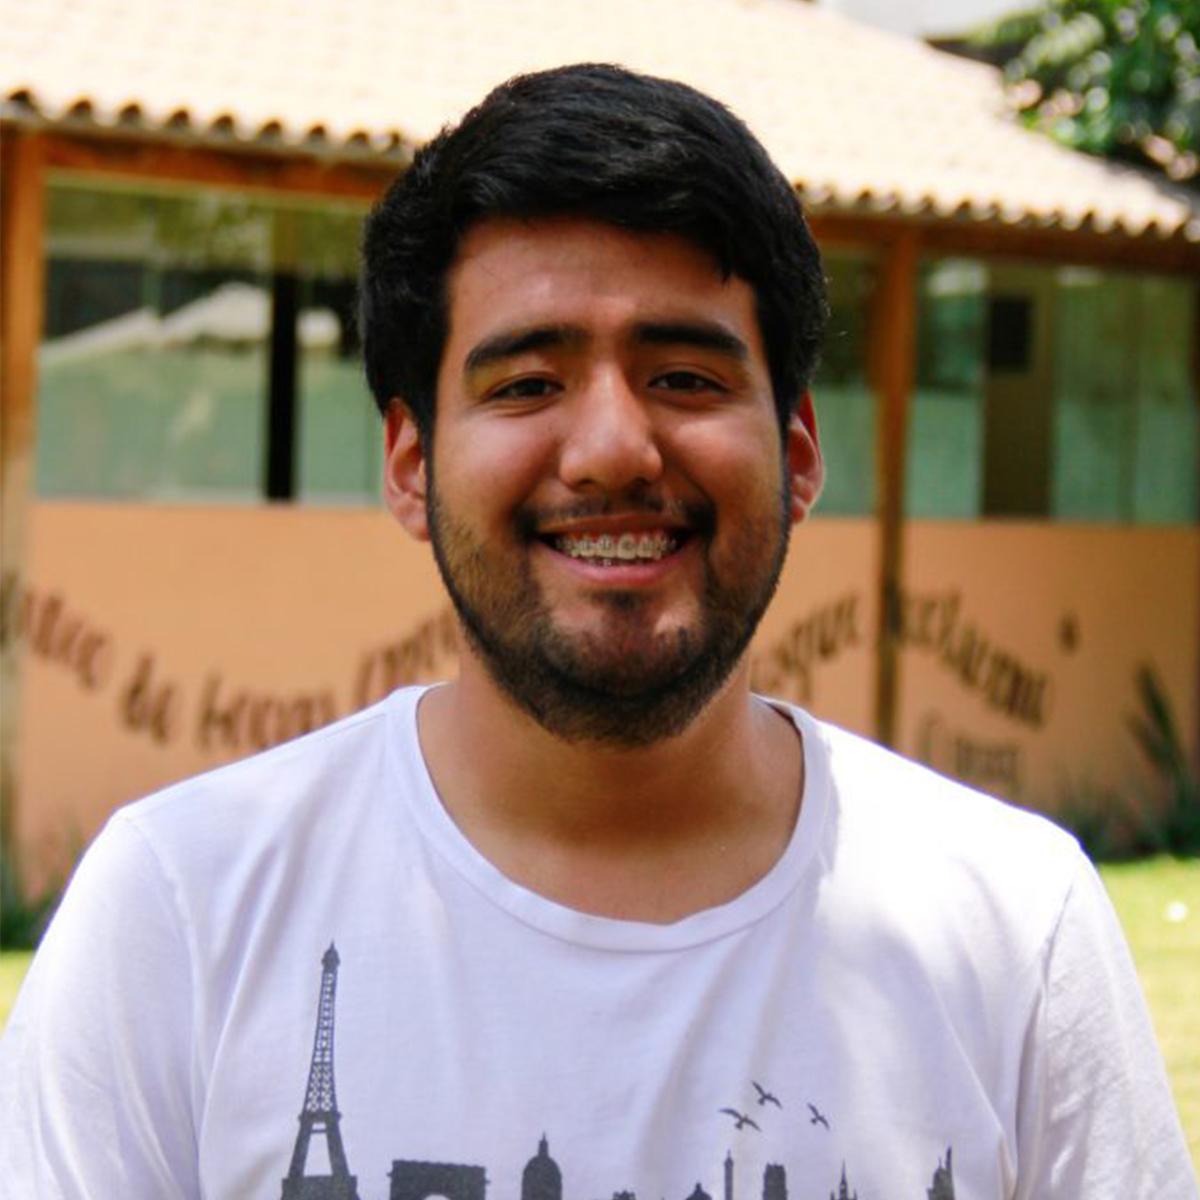 Nino Villarroel, SJ